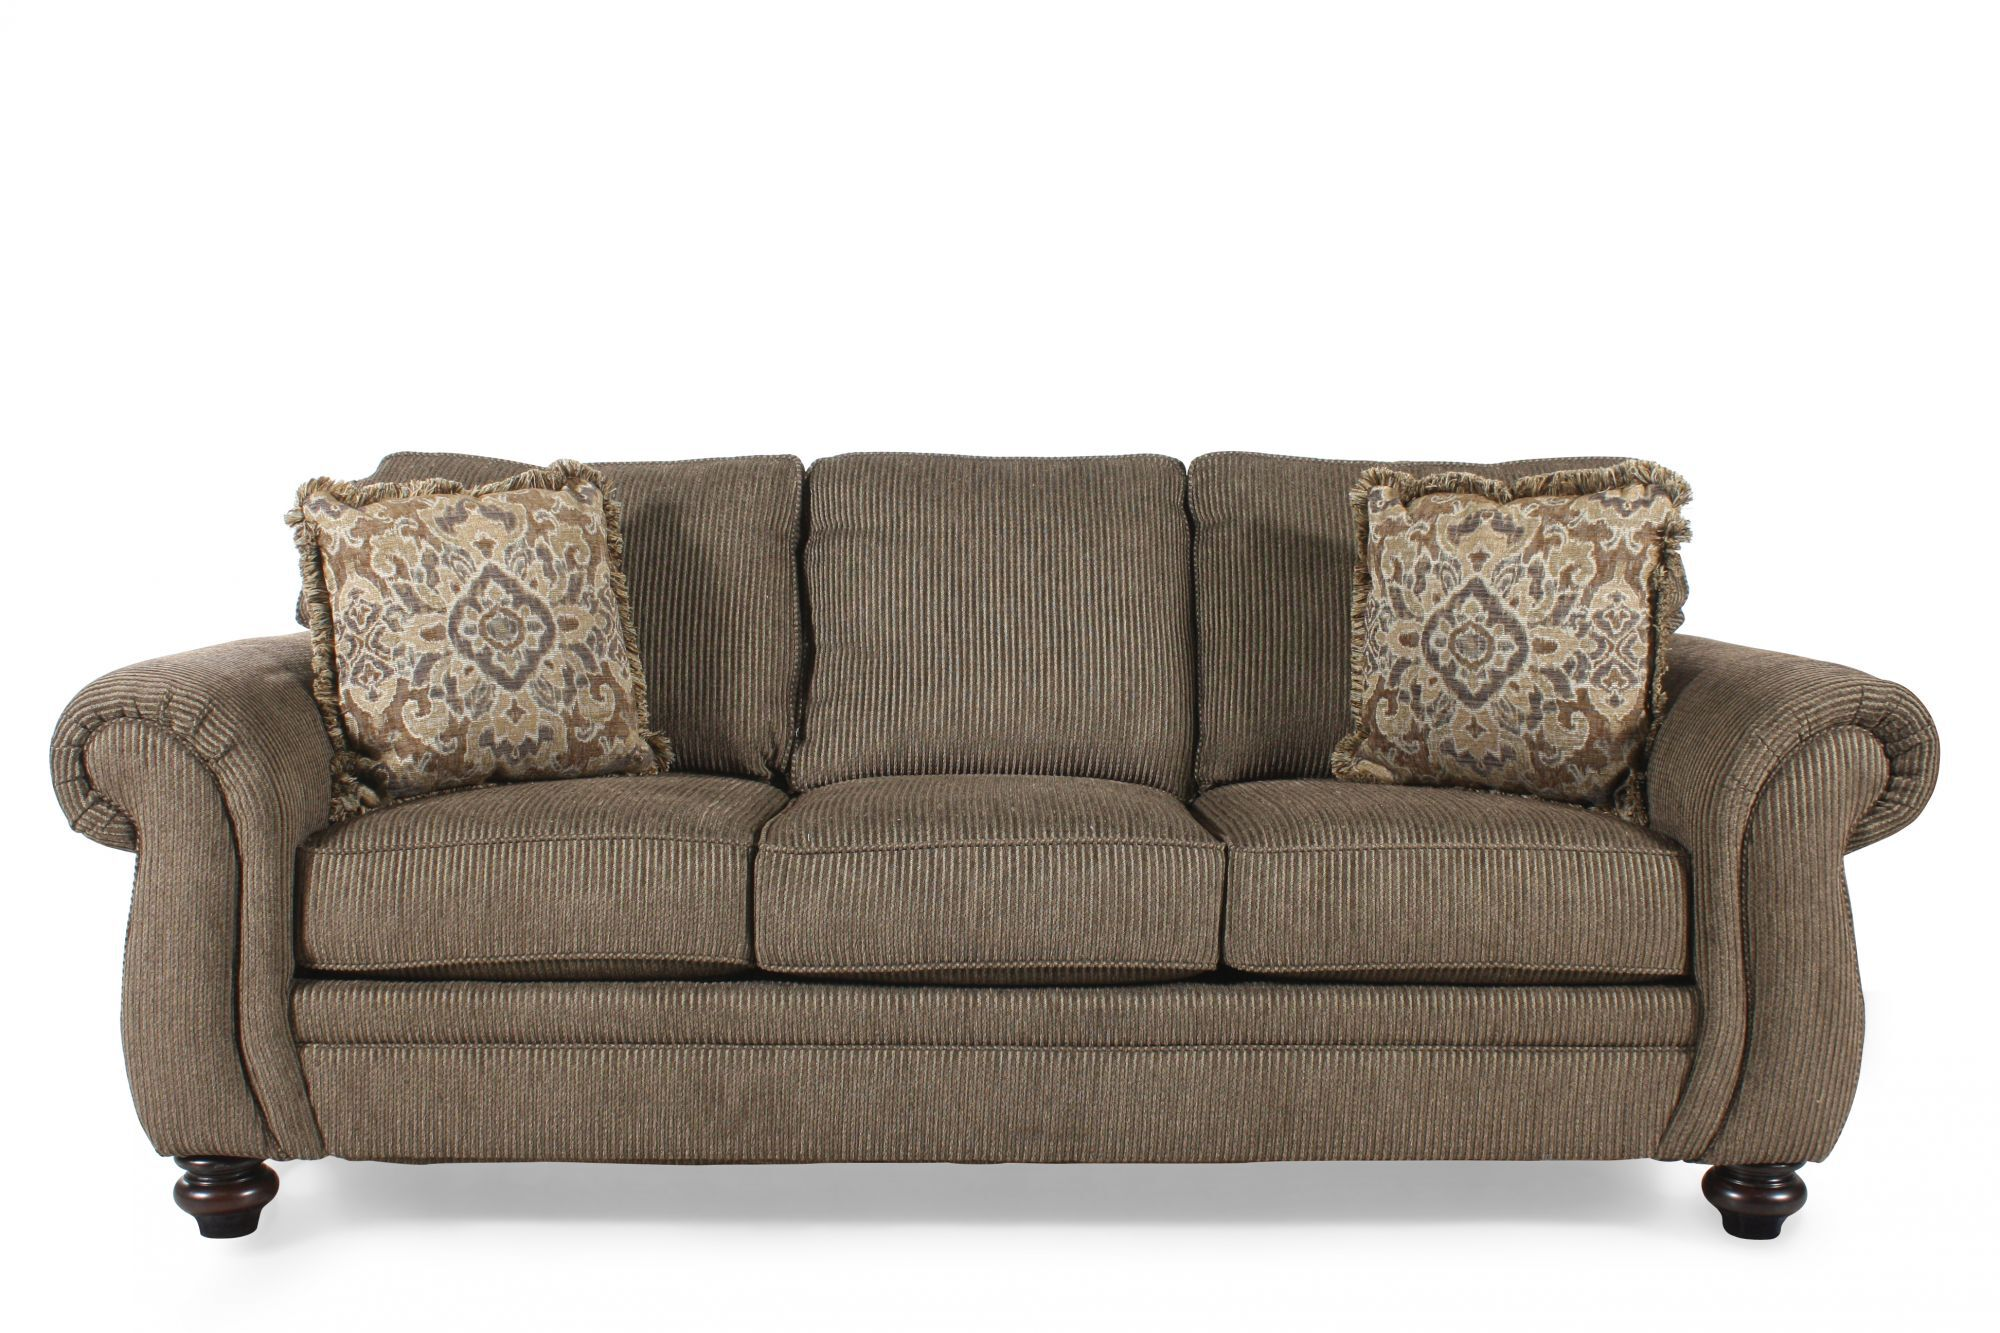 Corduroy 89u0026quot; Queen Sleeper Sofa ...